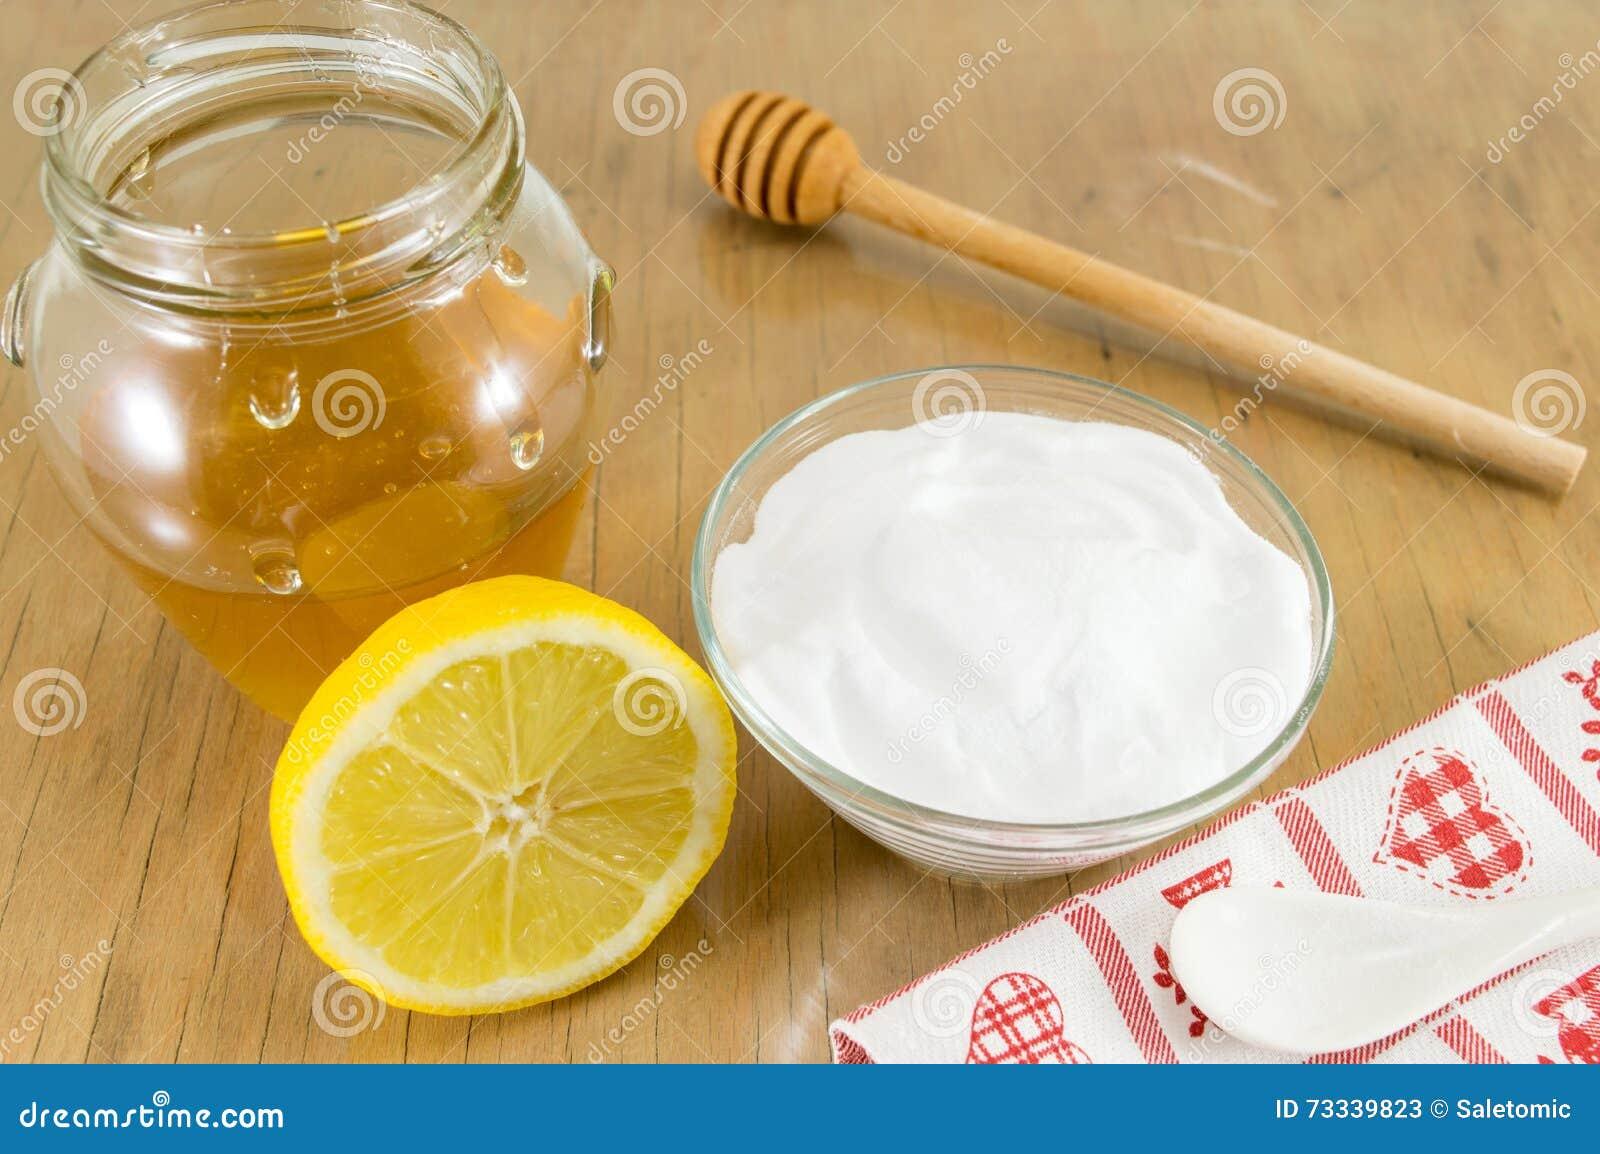 Диета с лимоном и медом. Как похудеть с лимоном и медом. Женский.